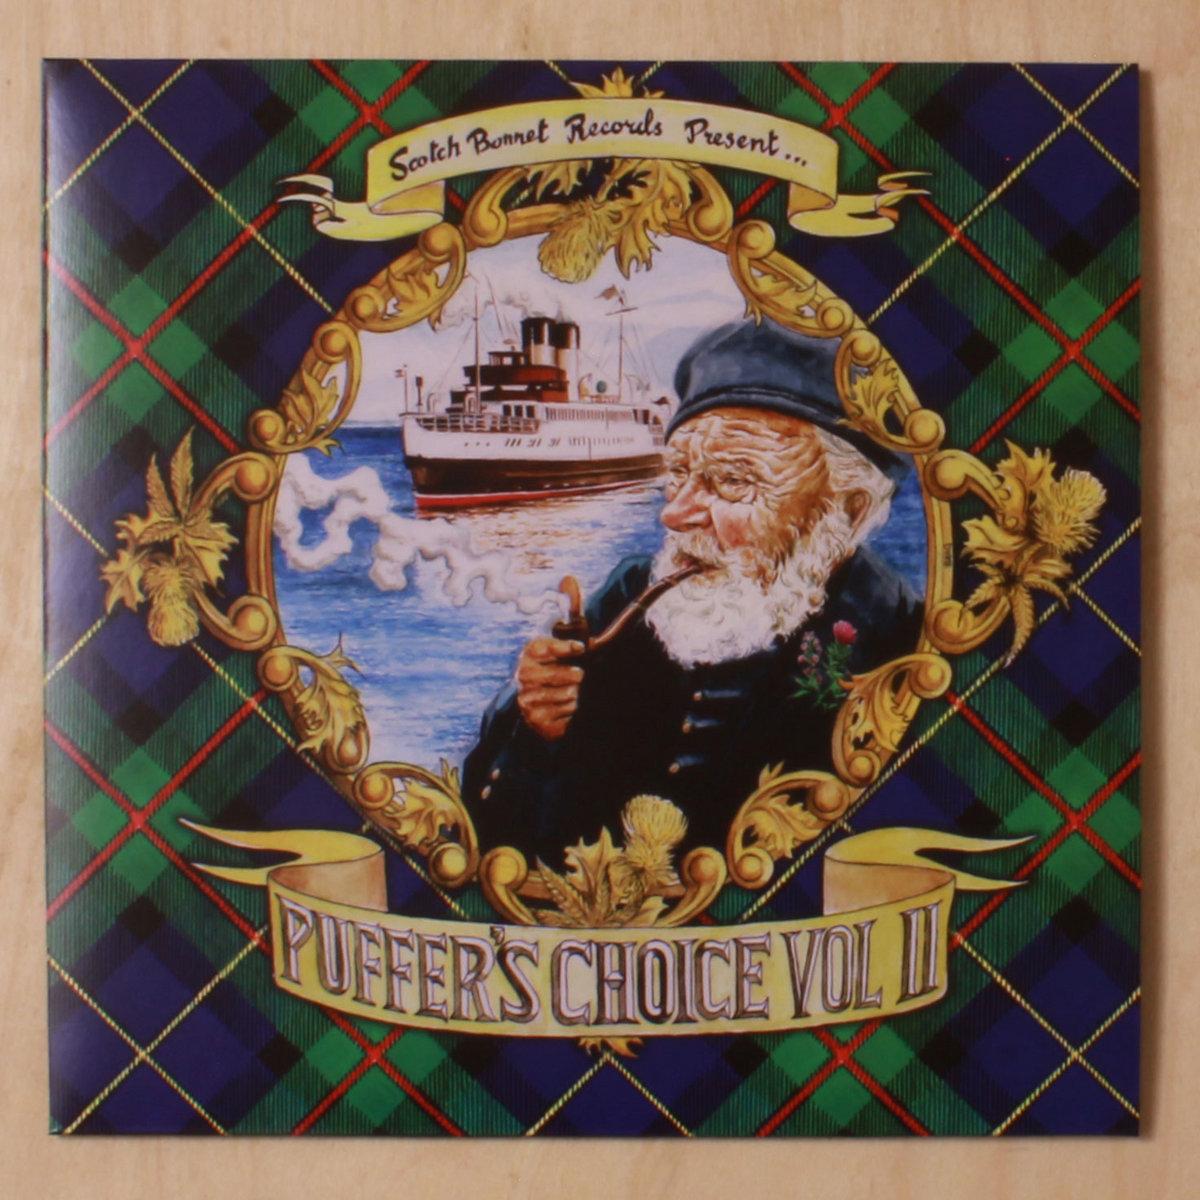 Puffers Choice Vol 2 | Scotch Bonnet/Scrub a Dub